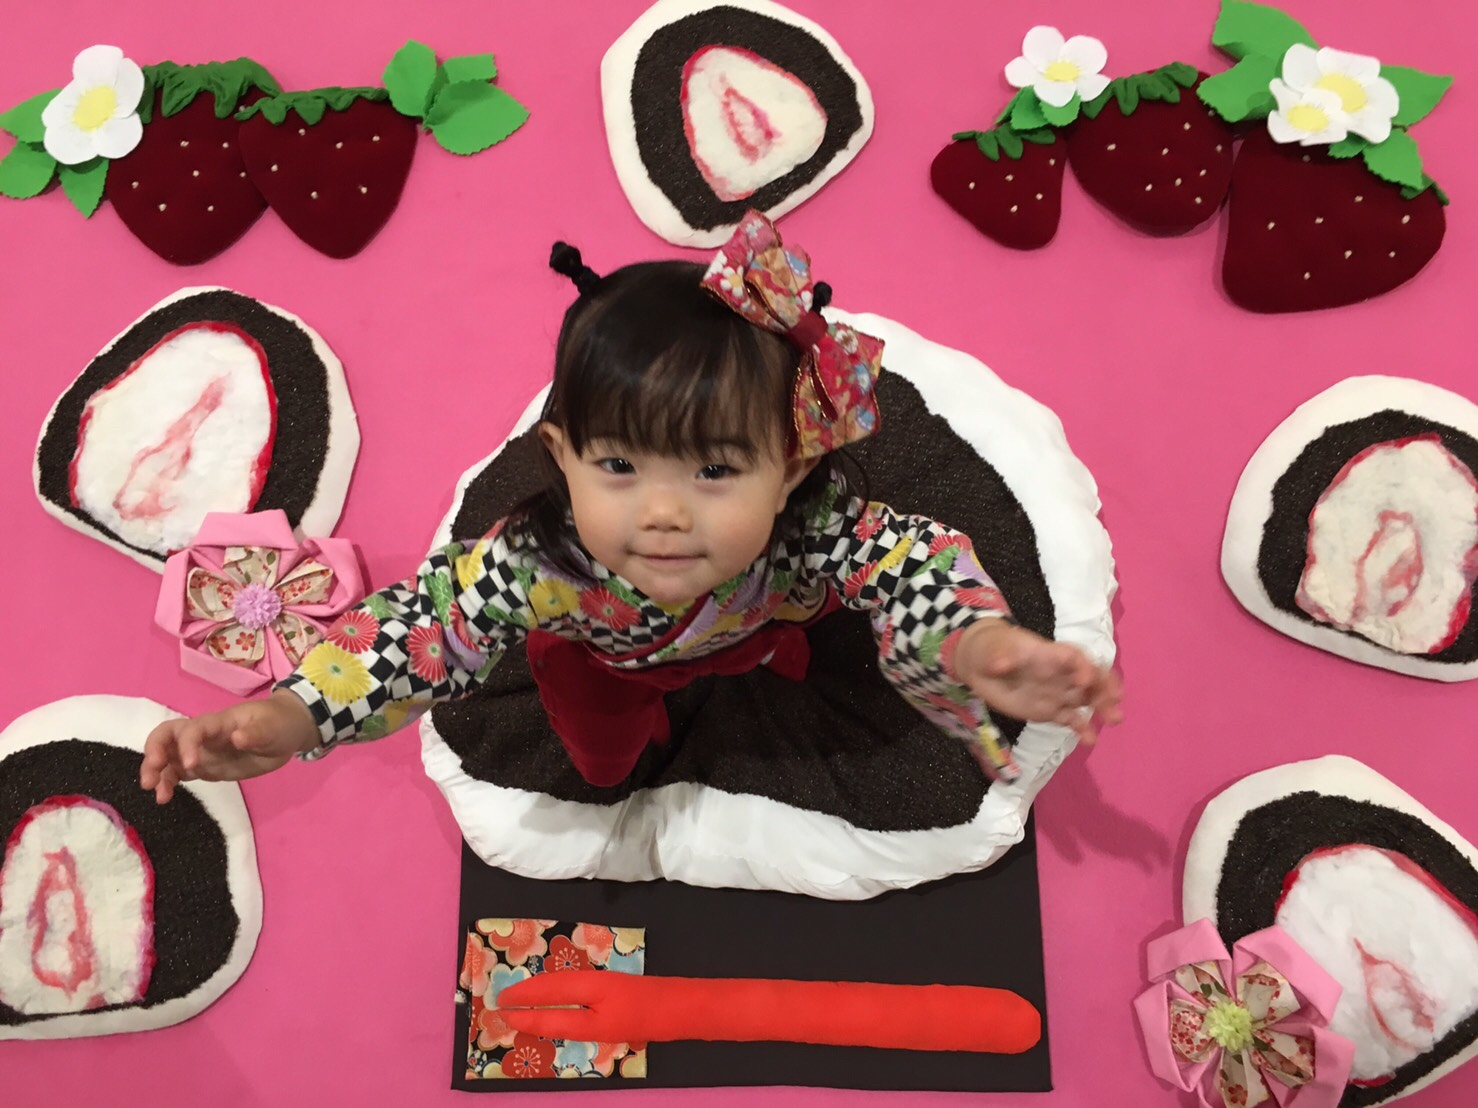 おひるねアート いちご大福 苺 イオンモール土浦 茨城 僕のおひるねアート